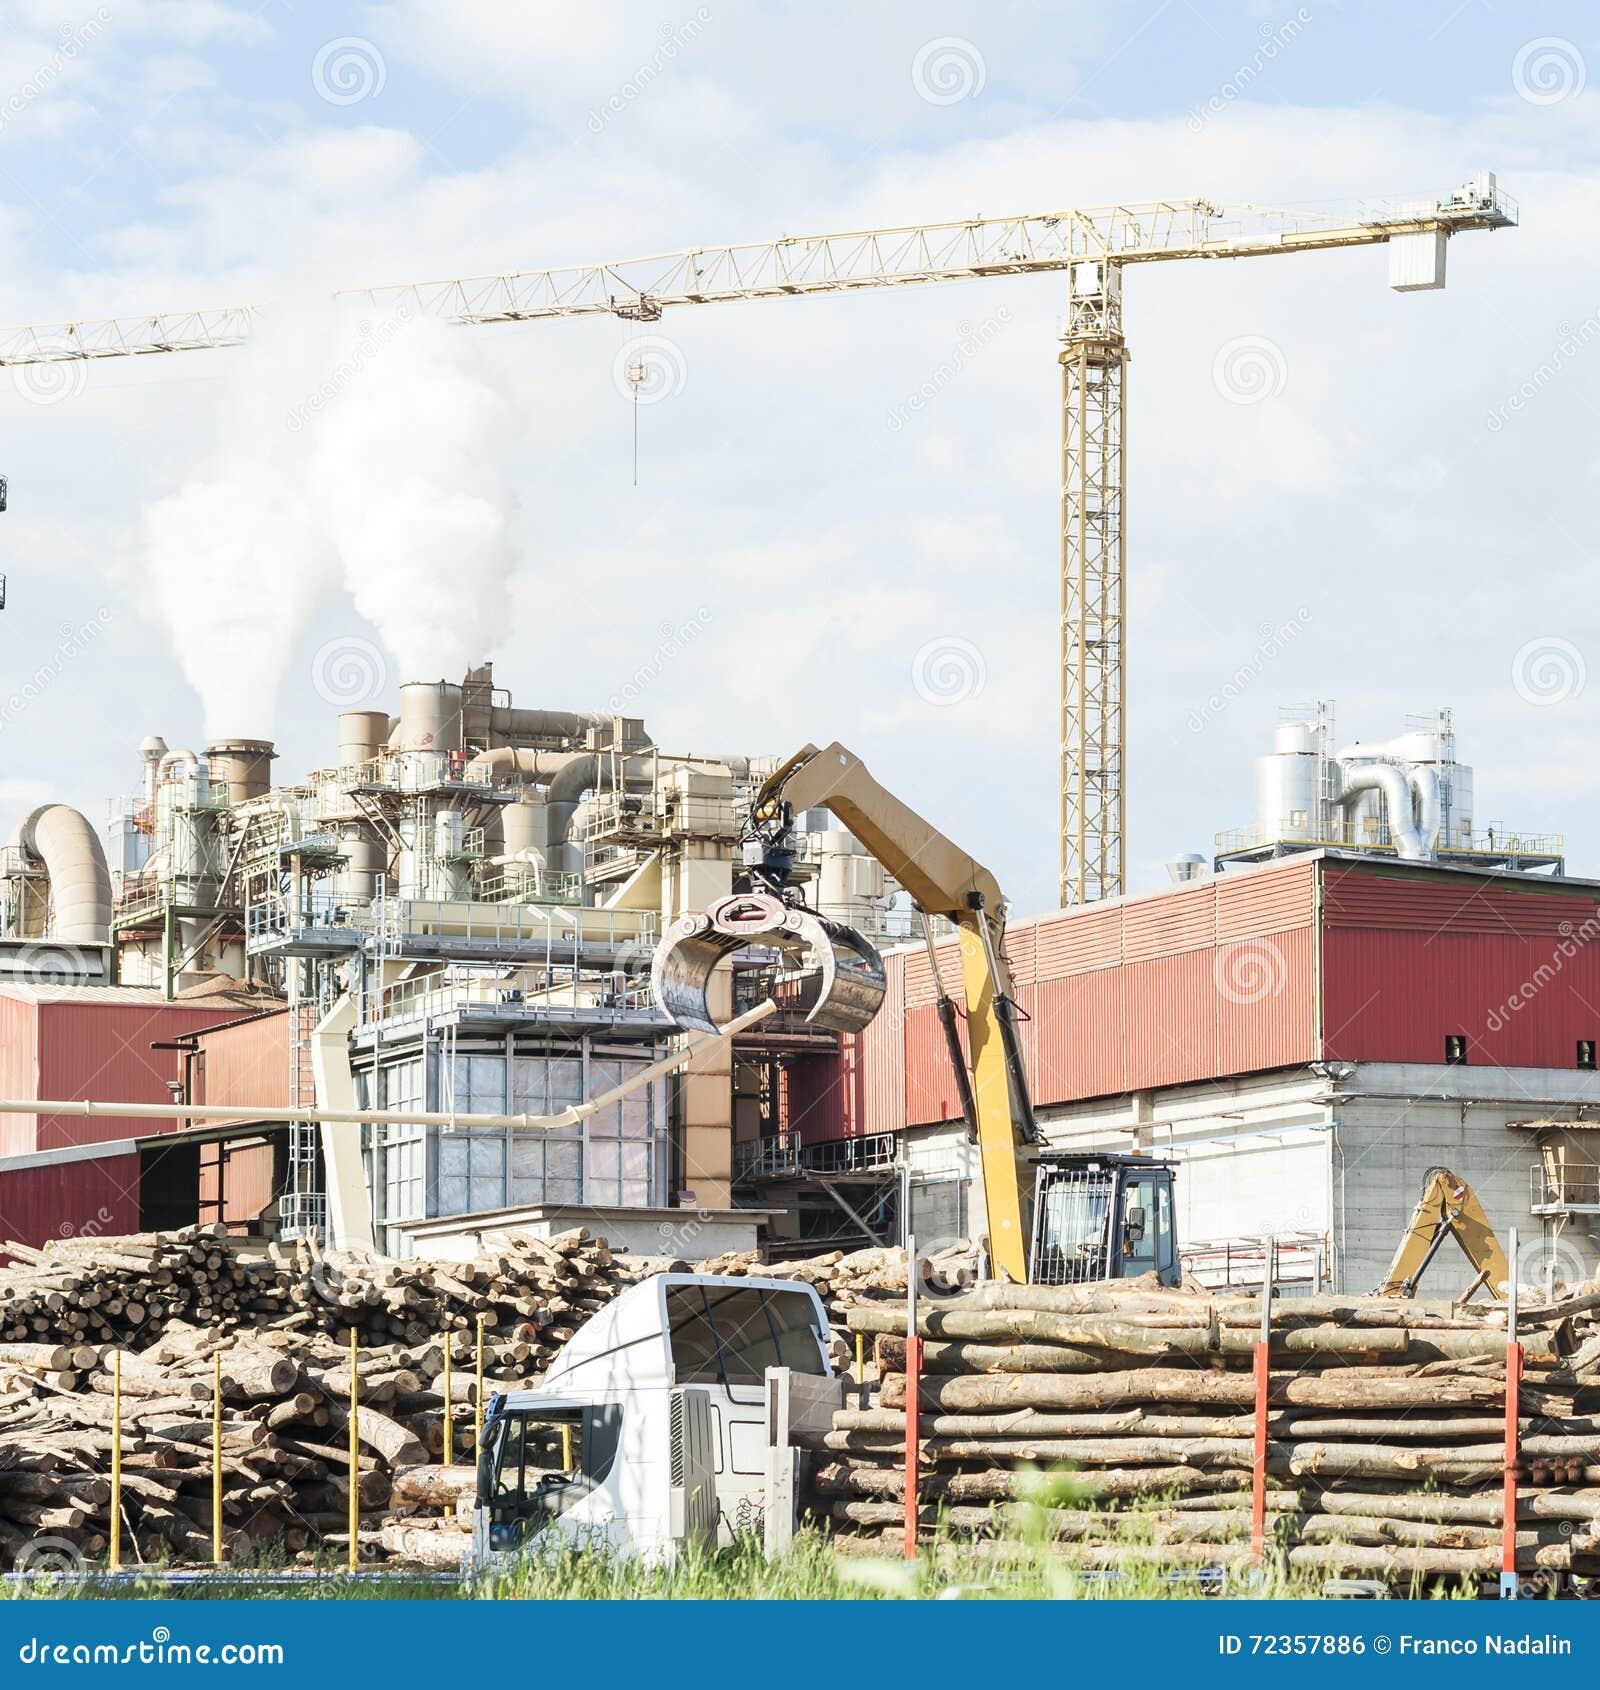 一家家具工厂的工厂设备有抽烟的烟窗的